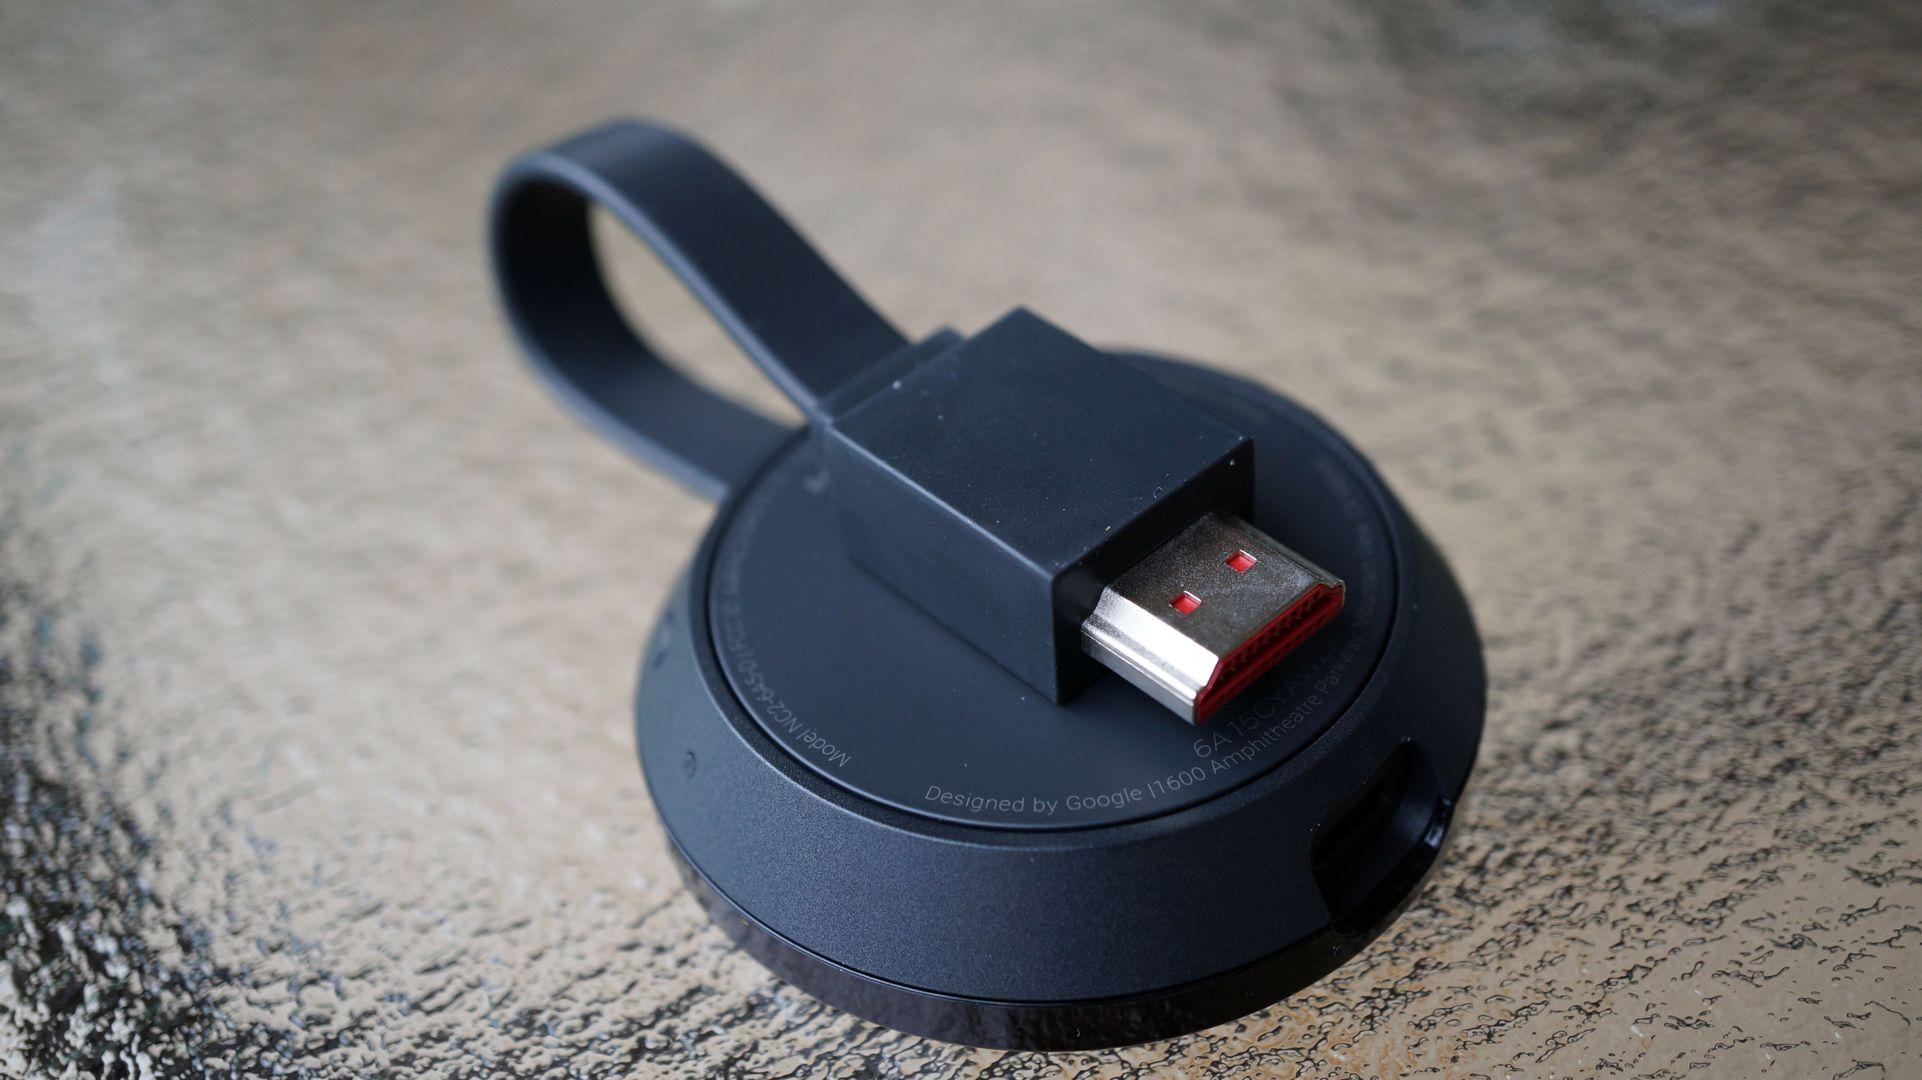 Chromecast Rea